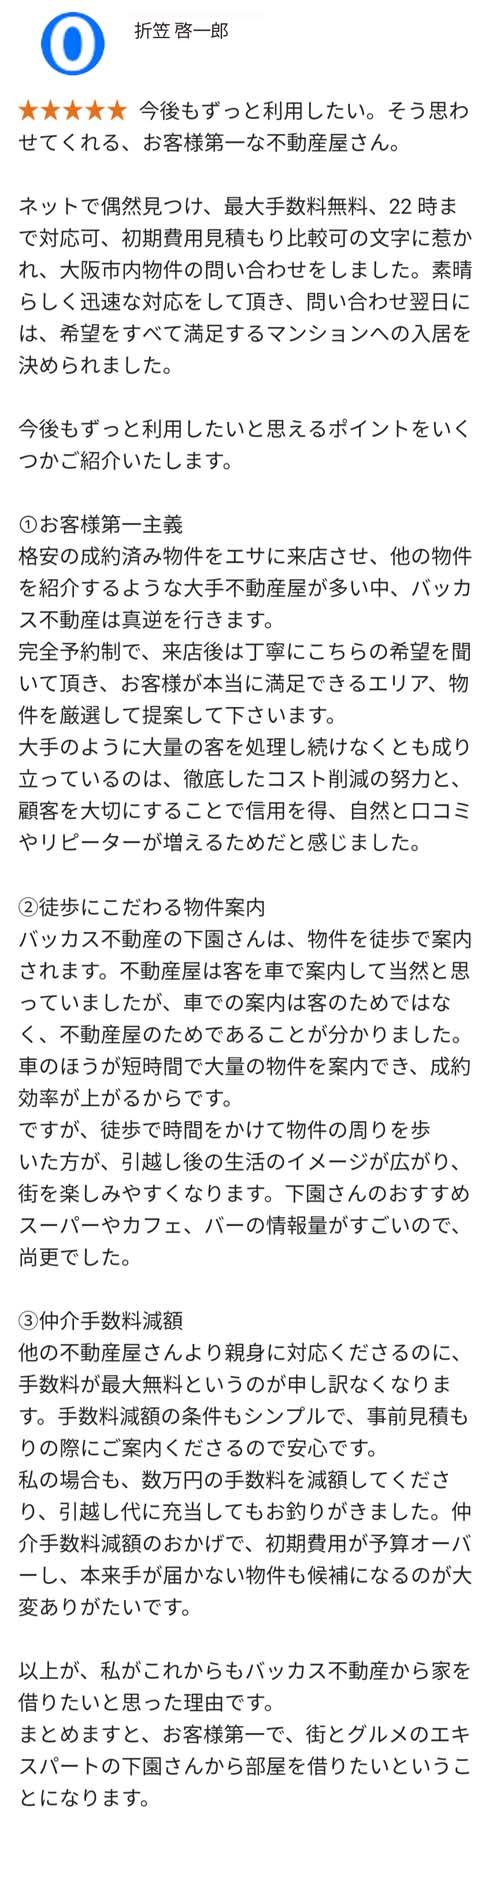 折笠啓一郎様のレビュー